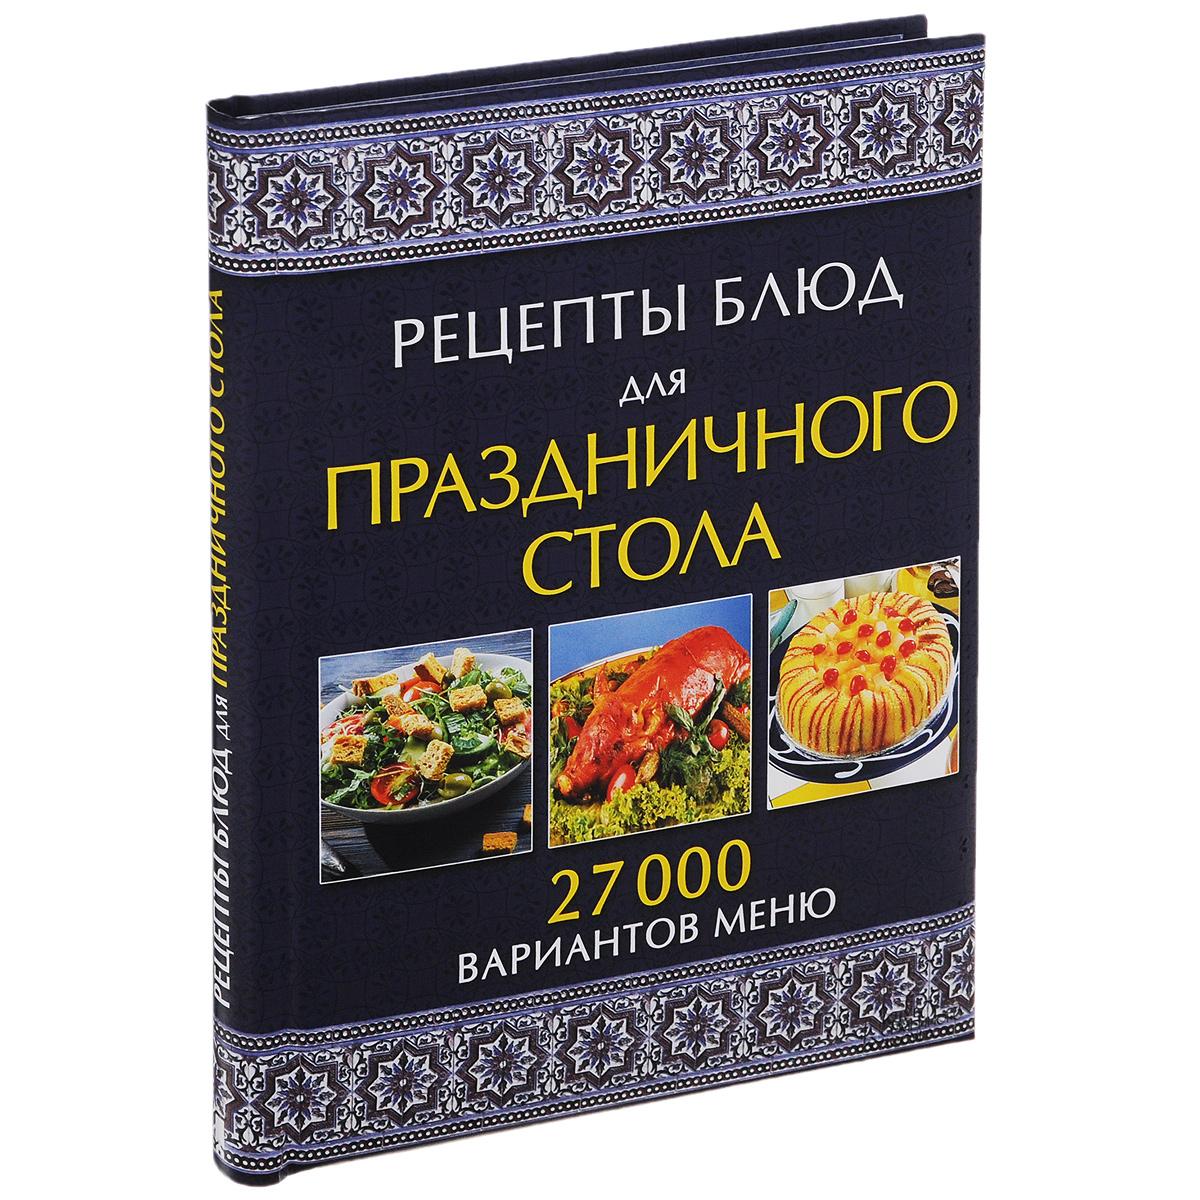 Рецепты блюд для праздничного стола. 27000 вариантов меню, Галина Лаврентьева